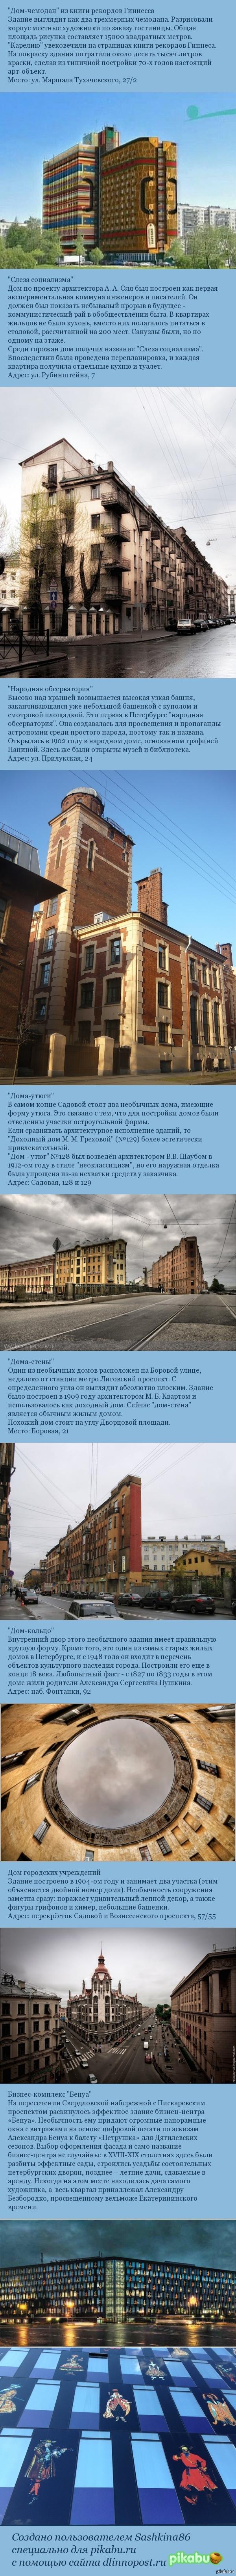 Самые необычные дома мира [2] Санкт-Петербург